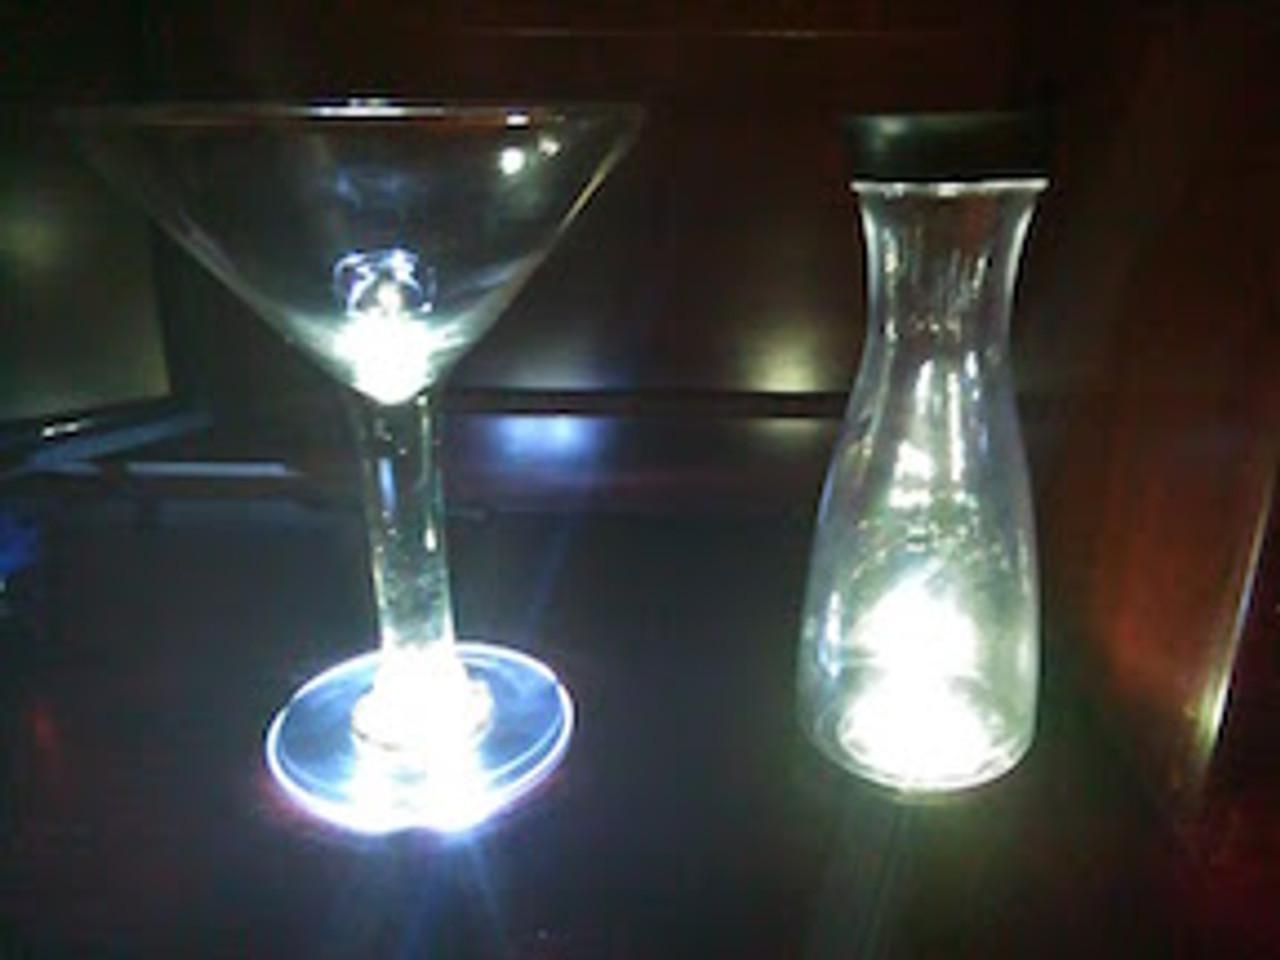 LED-Martini-Champagne-Wine-Liquor-Bottle-Glow-Light-Up-Illuminated-Glorifier